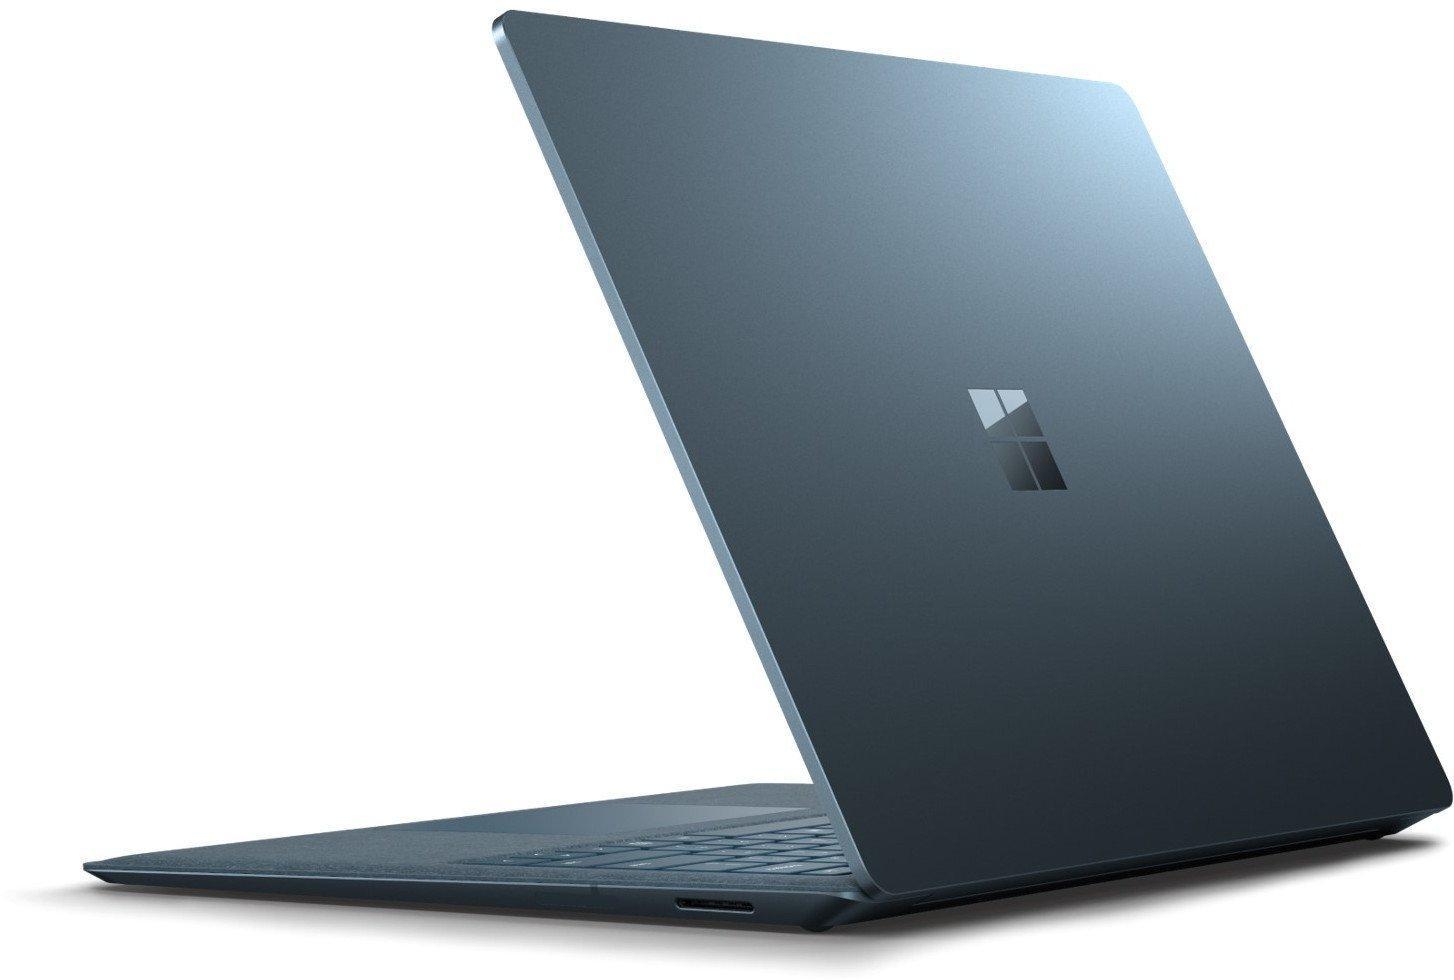 Ordinateur portable Microsoft Surface Laptop - Core i5, 8 Go, 128 Go tactile - photo 6